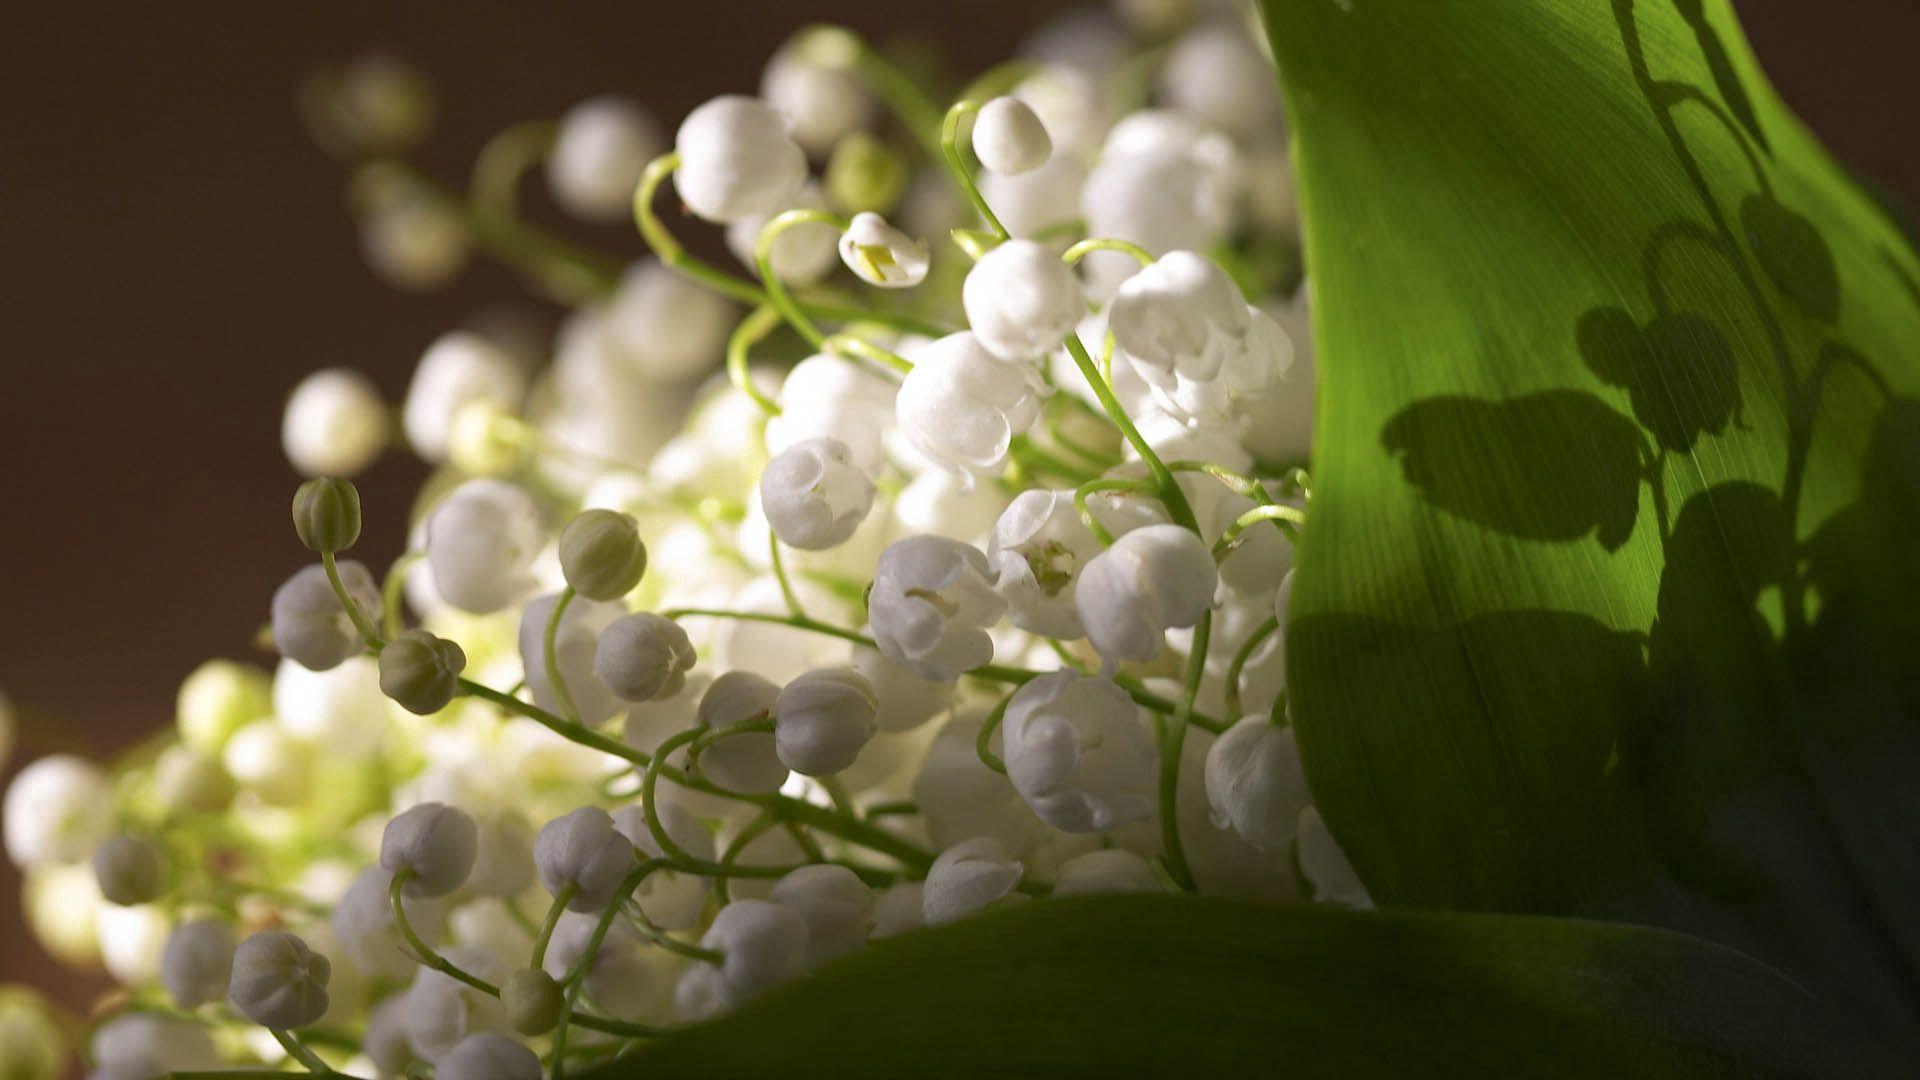 133092 Hintergrundbild herunterladen Maiglöckchen, Pflanze, Makro, Blütenblätter - Bildschirmschoner und Bilder kostenlos